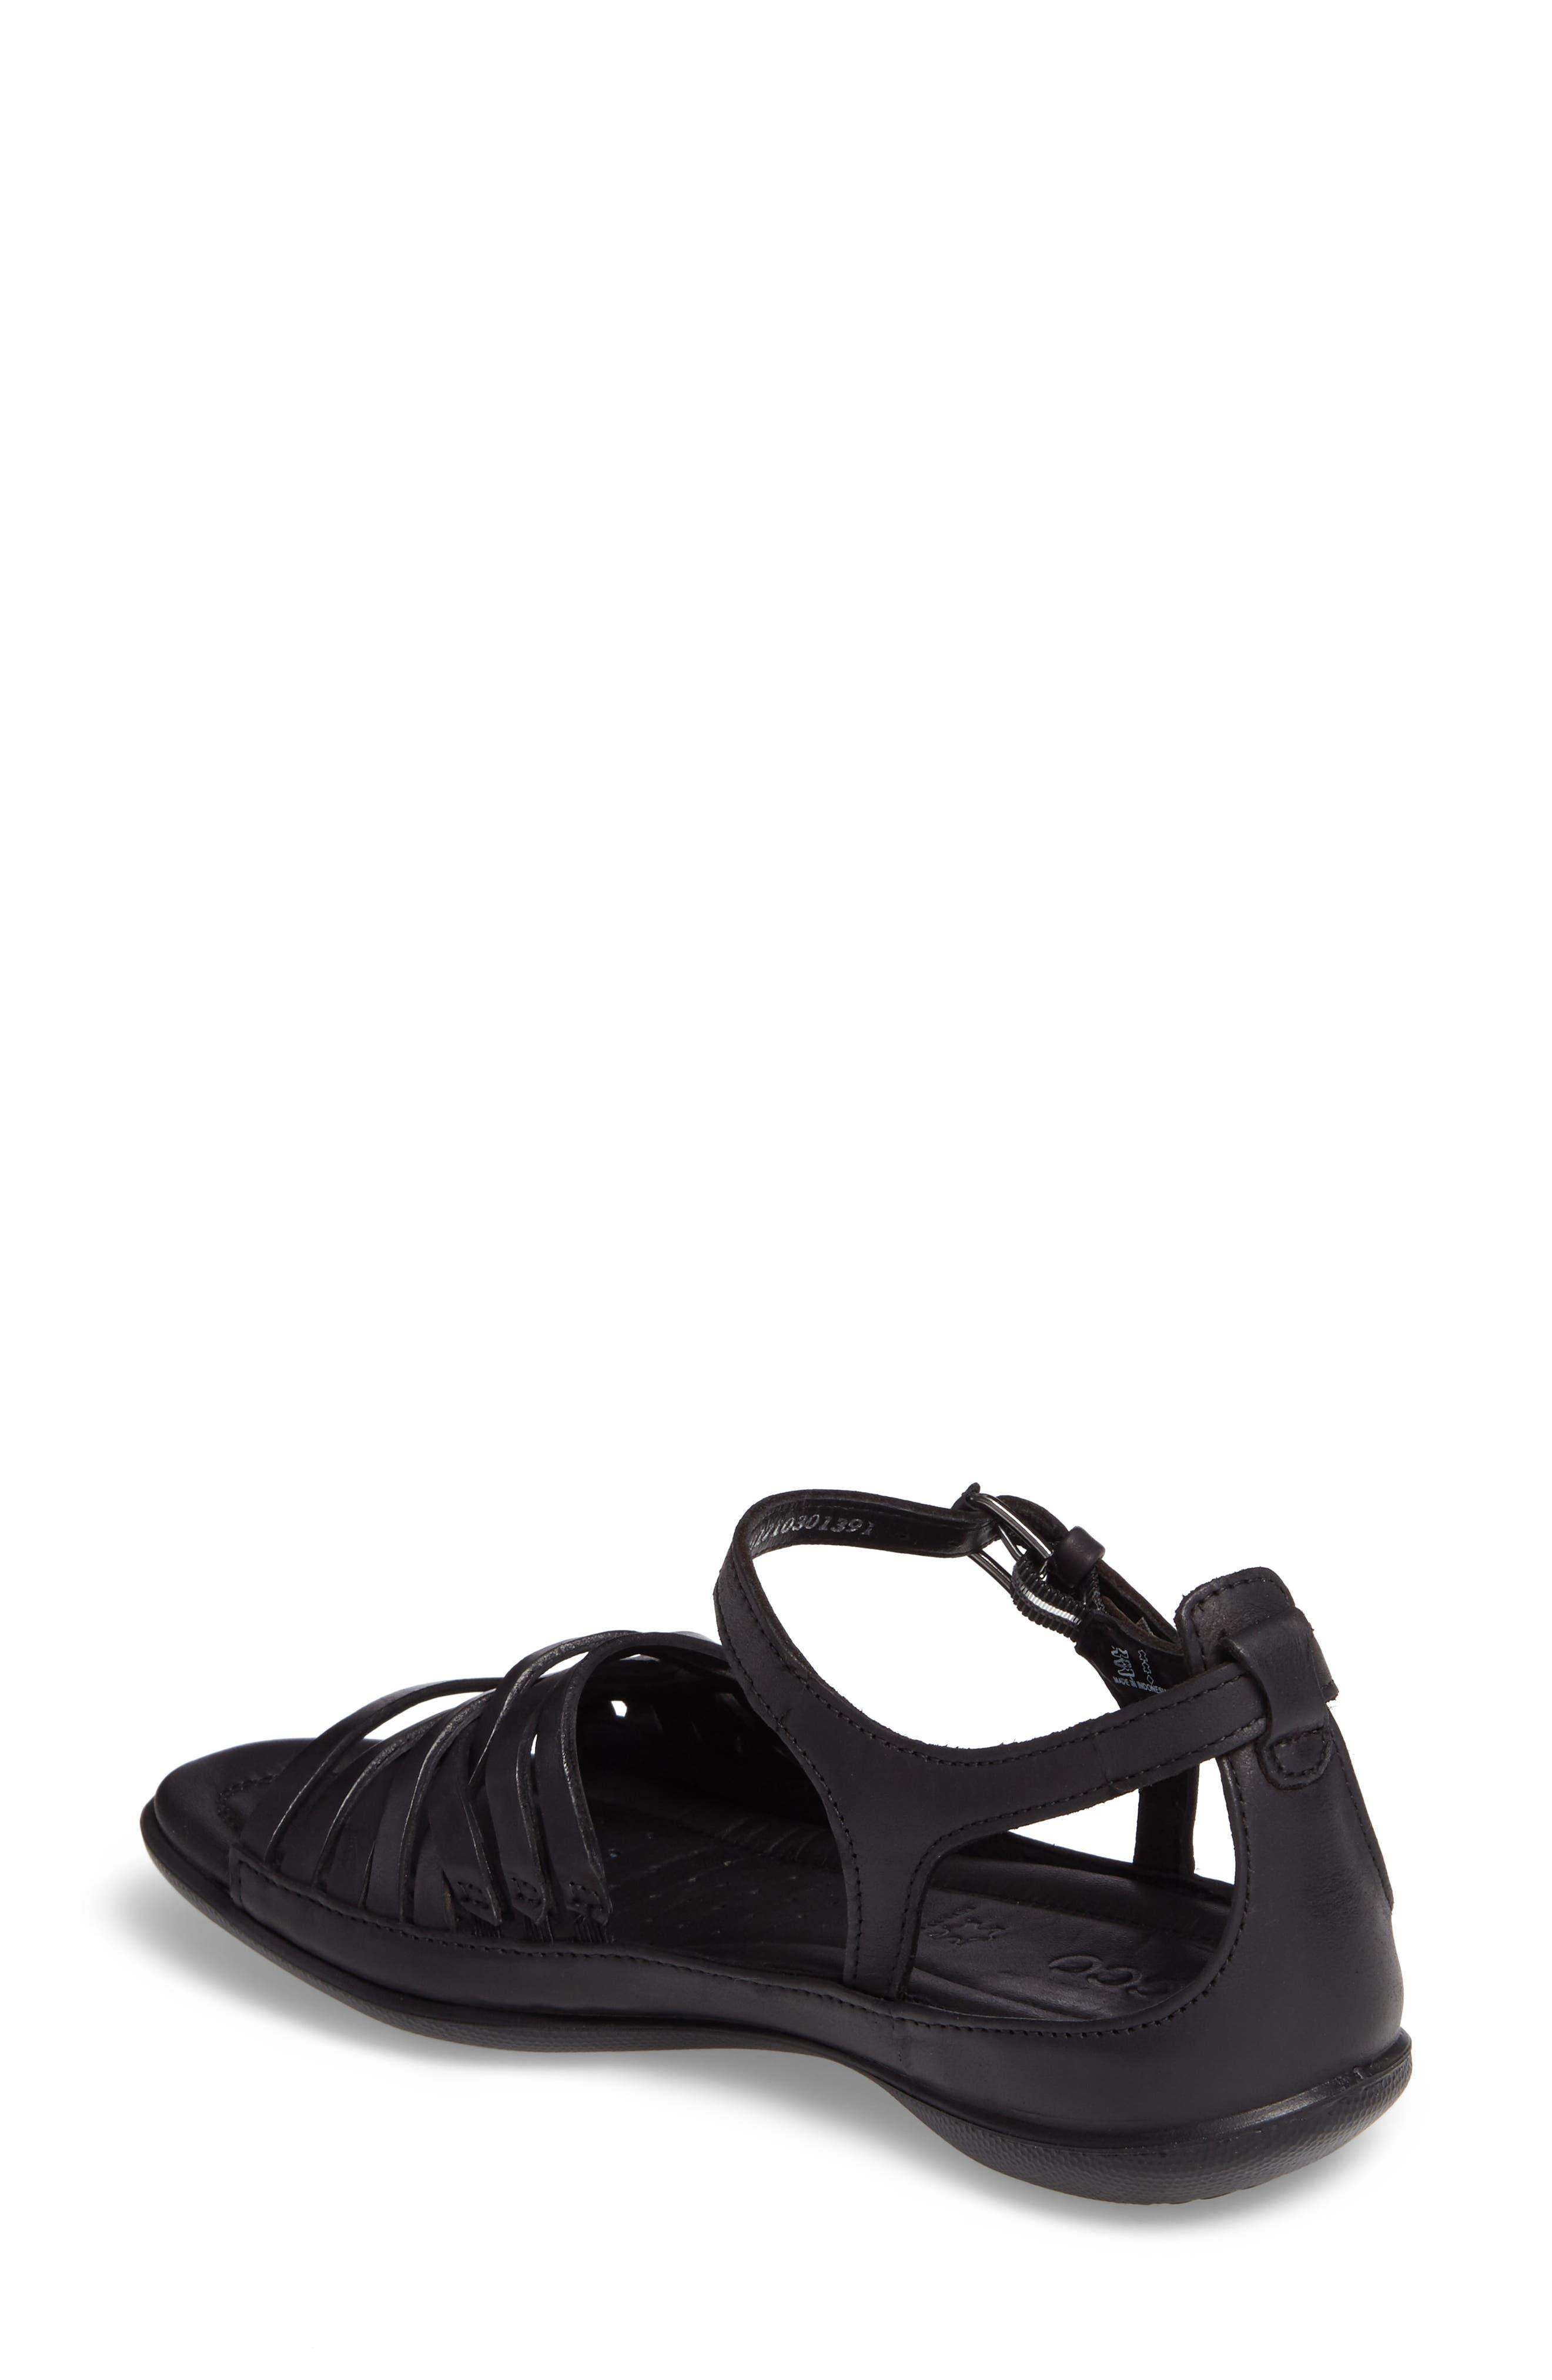 Flash Sandal,                             Alternate thumbnail 2, color,                             Black Leather